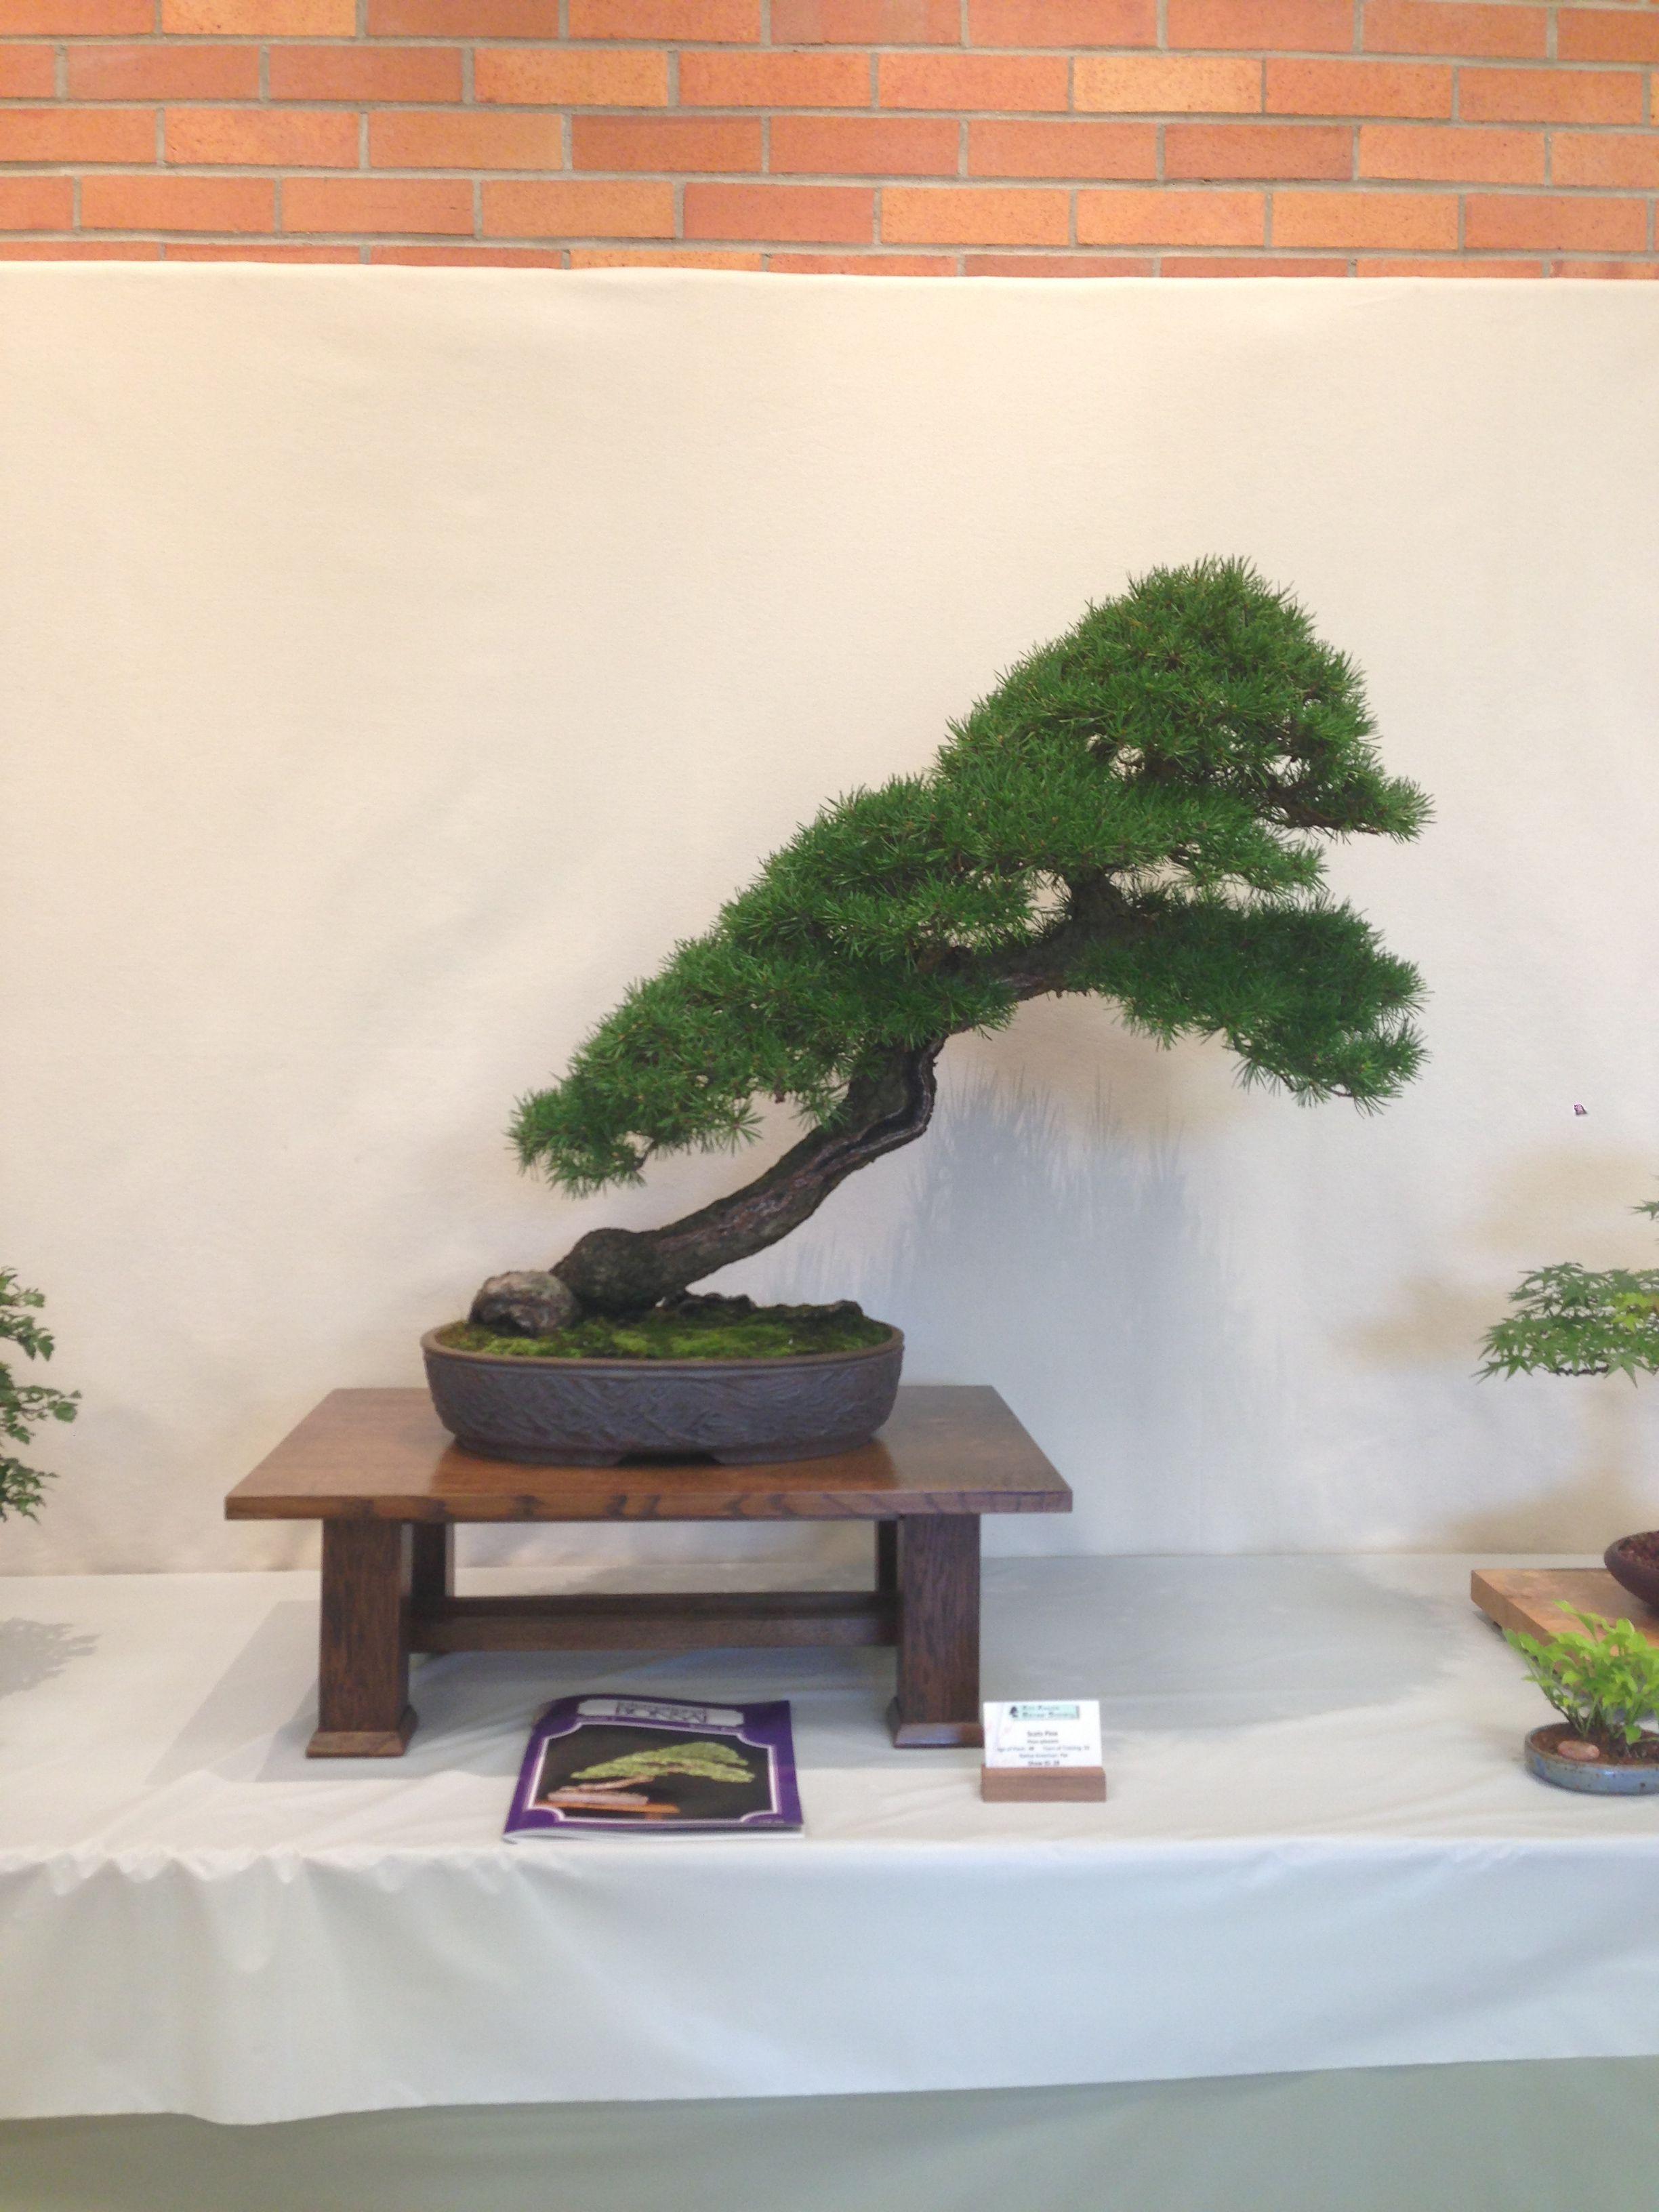 Scots Pine Bonsai From The Ann Arbor Bonsai Society Show 2013 In Michigan Pine Bonsai Bonsai Bonsai Tree